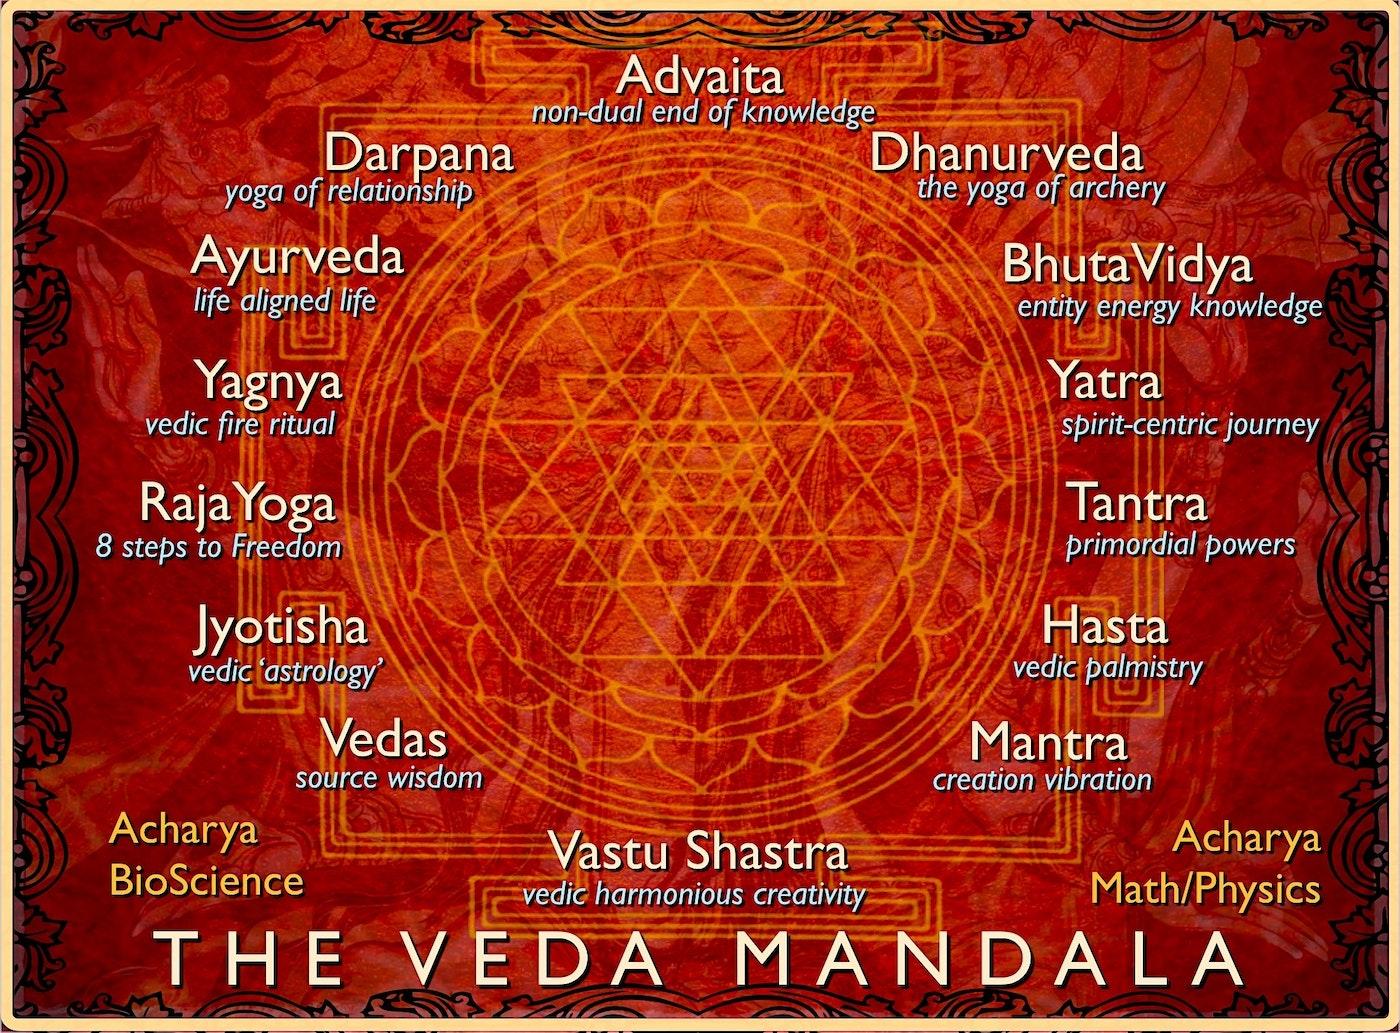 The Veda Mandala